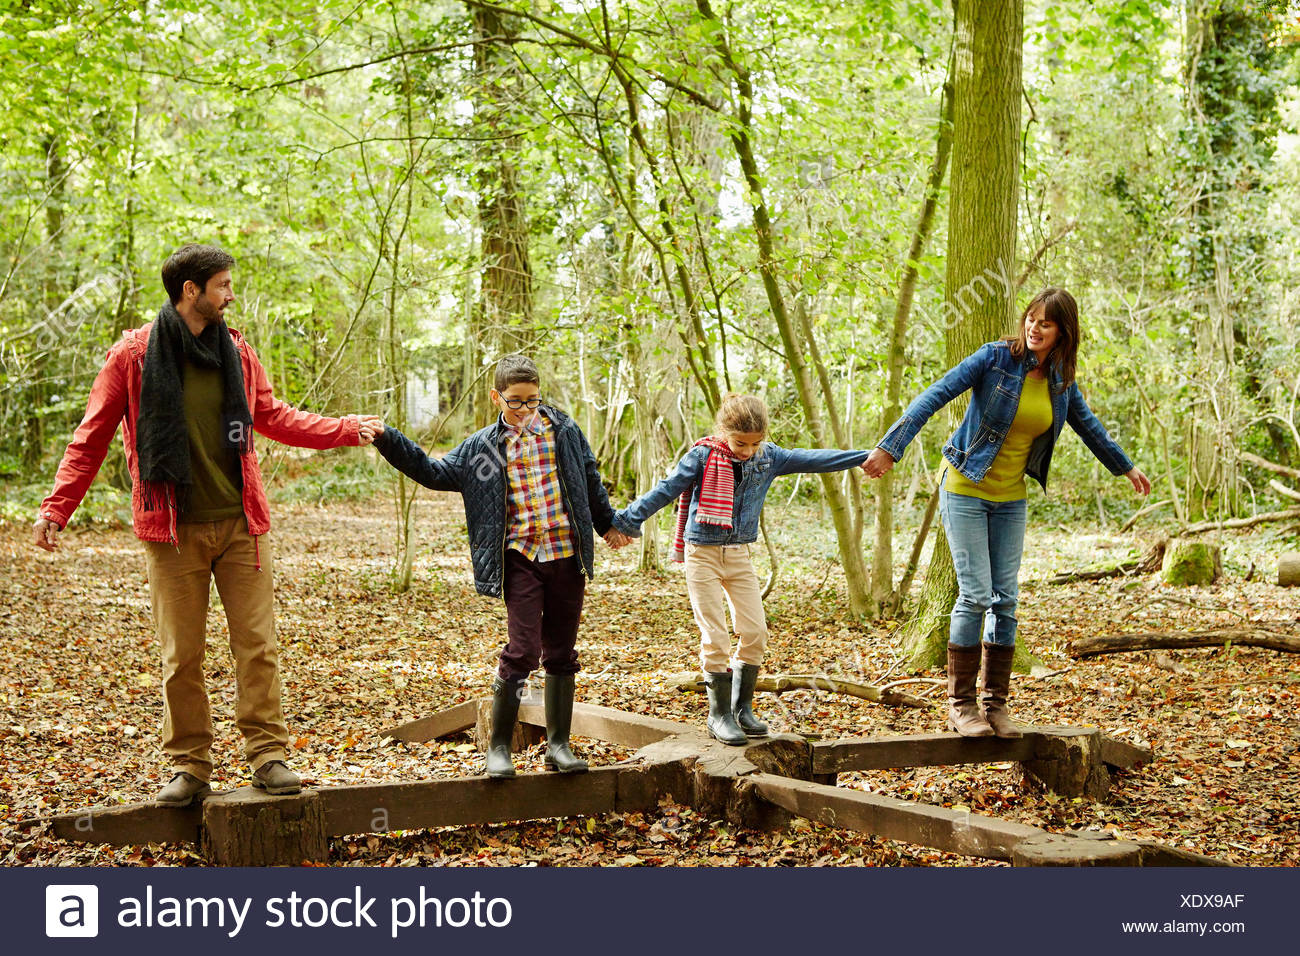 Bois de hêtre à l'automne. Une famille de quatre personnes, deux adultes et deux enfants. Photo Stock